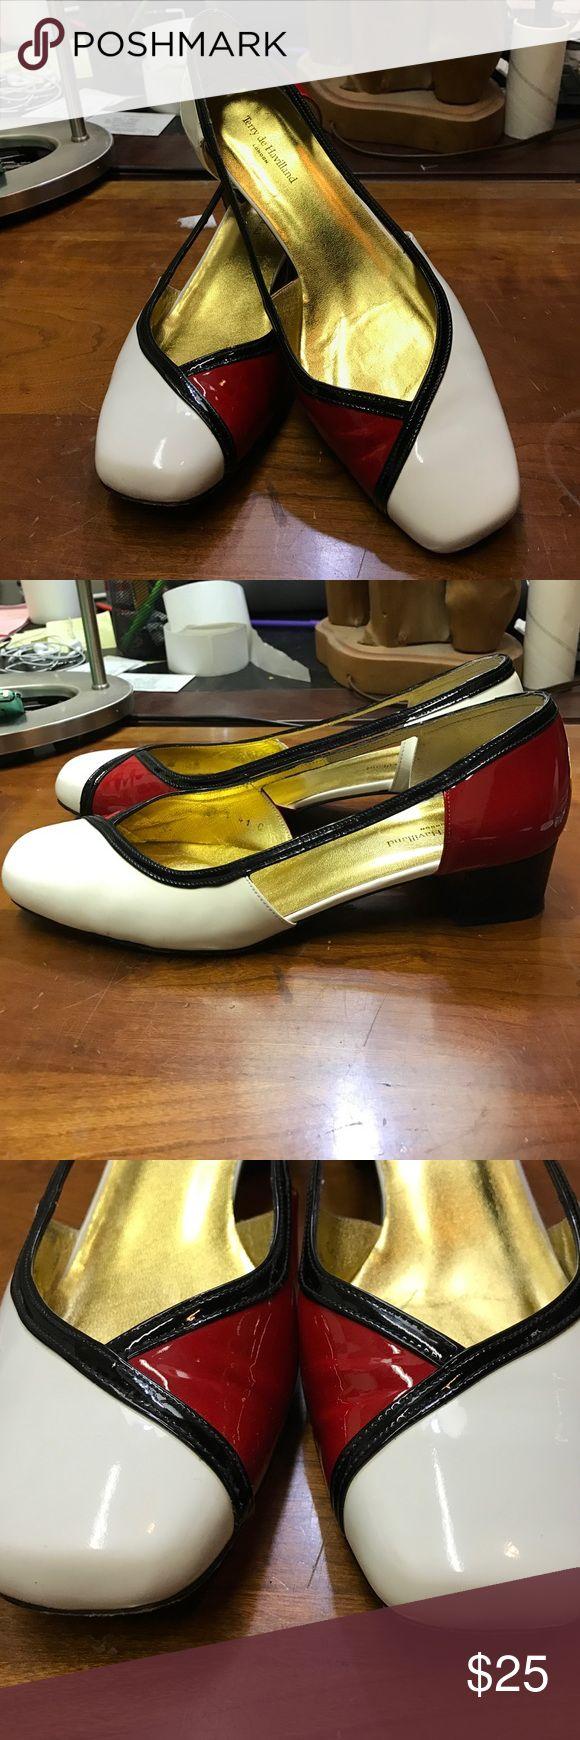 Terry de Havilland Patent Colorblock Pump Terry de Havilland  • Size: 8 • Color: Red, White, Black • Patent Leather Color block PumpsCondition: Wear on soles, light wear on insoles Terry de Havilland Shoes